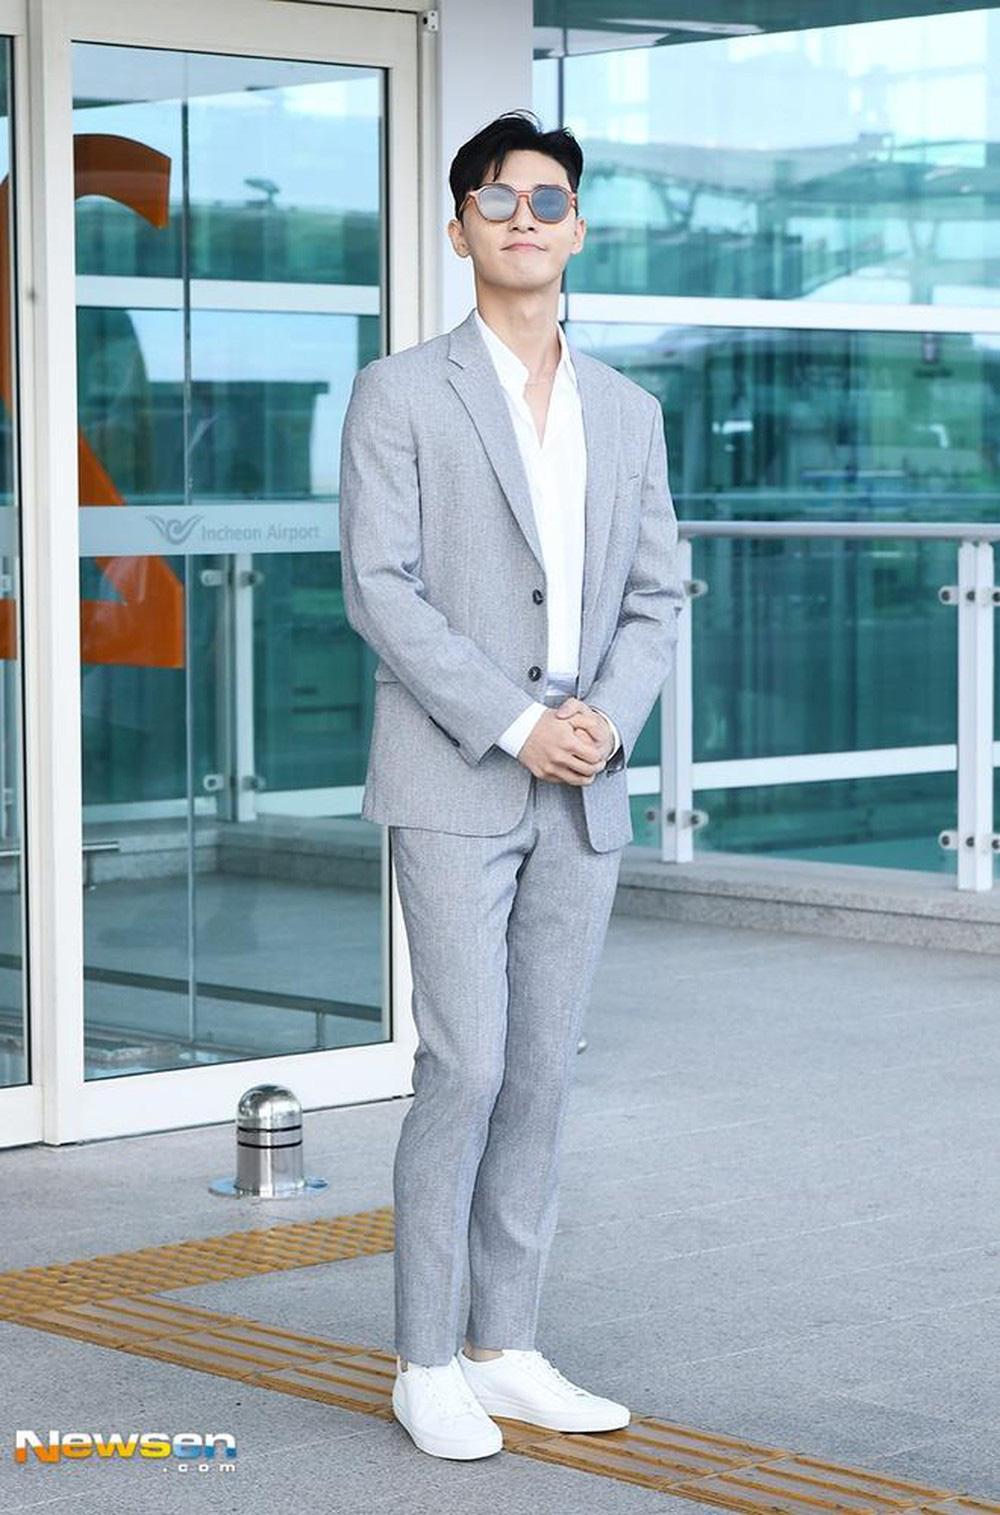 Ông chủ Danbam Park Seo Joon đúng là nam thần sân bay: Lúc như CEO đã giàu còn soái, khi đi dép xỏ ngón cũng ngầu như catwalk - Ảnh 3.